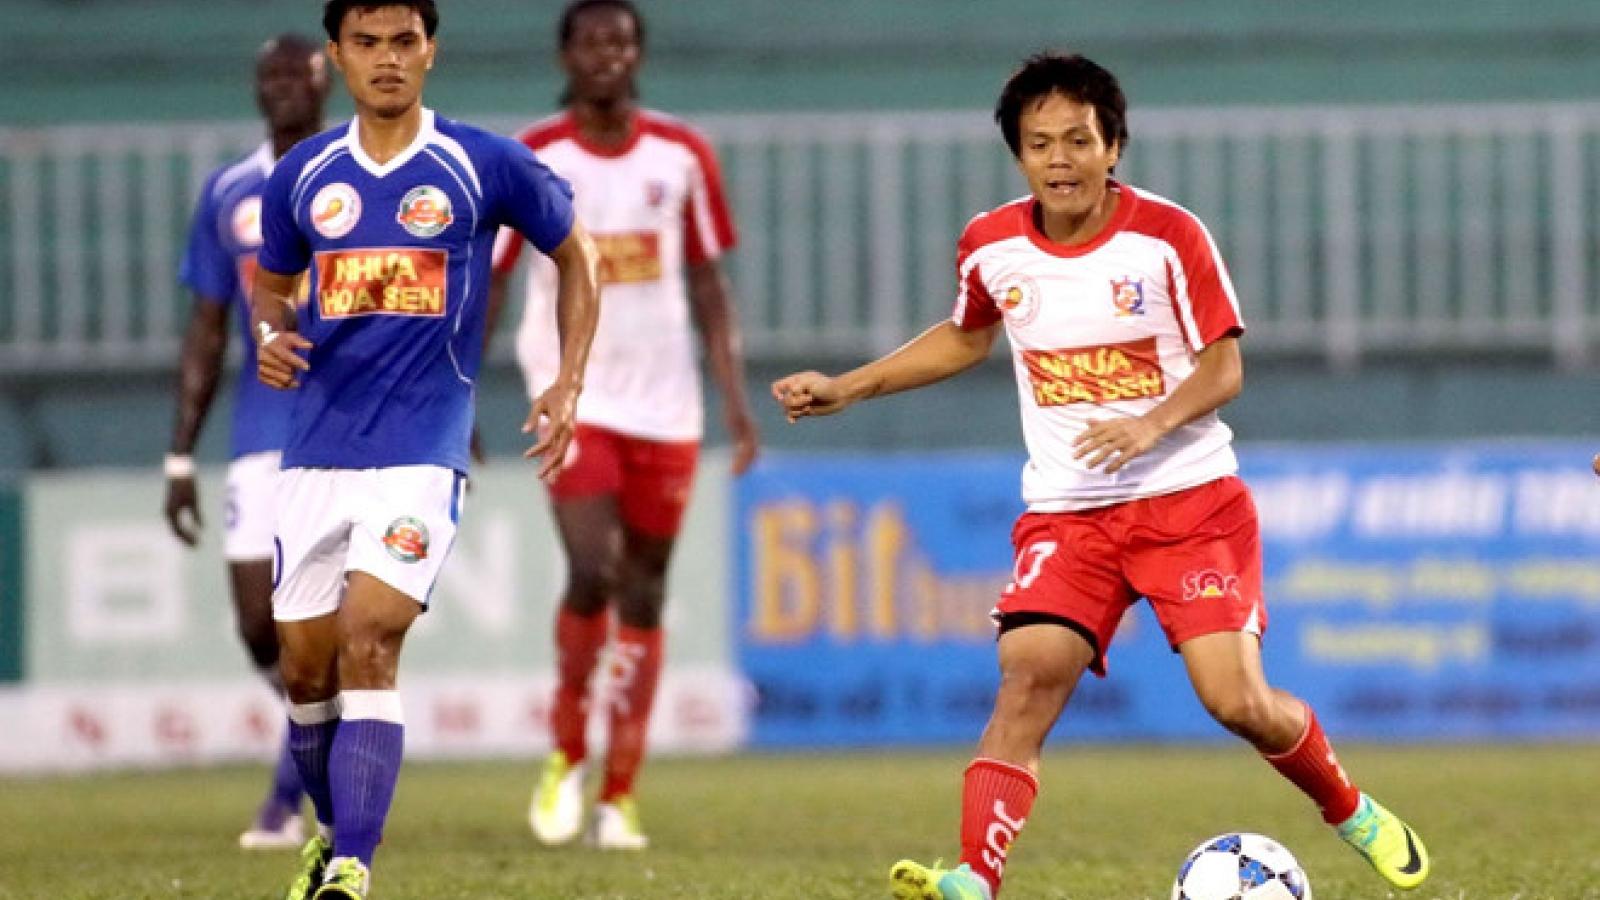 Cựu tuyển thủ Việt Nam qua đời ở tuổi 36 do đột quỵ